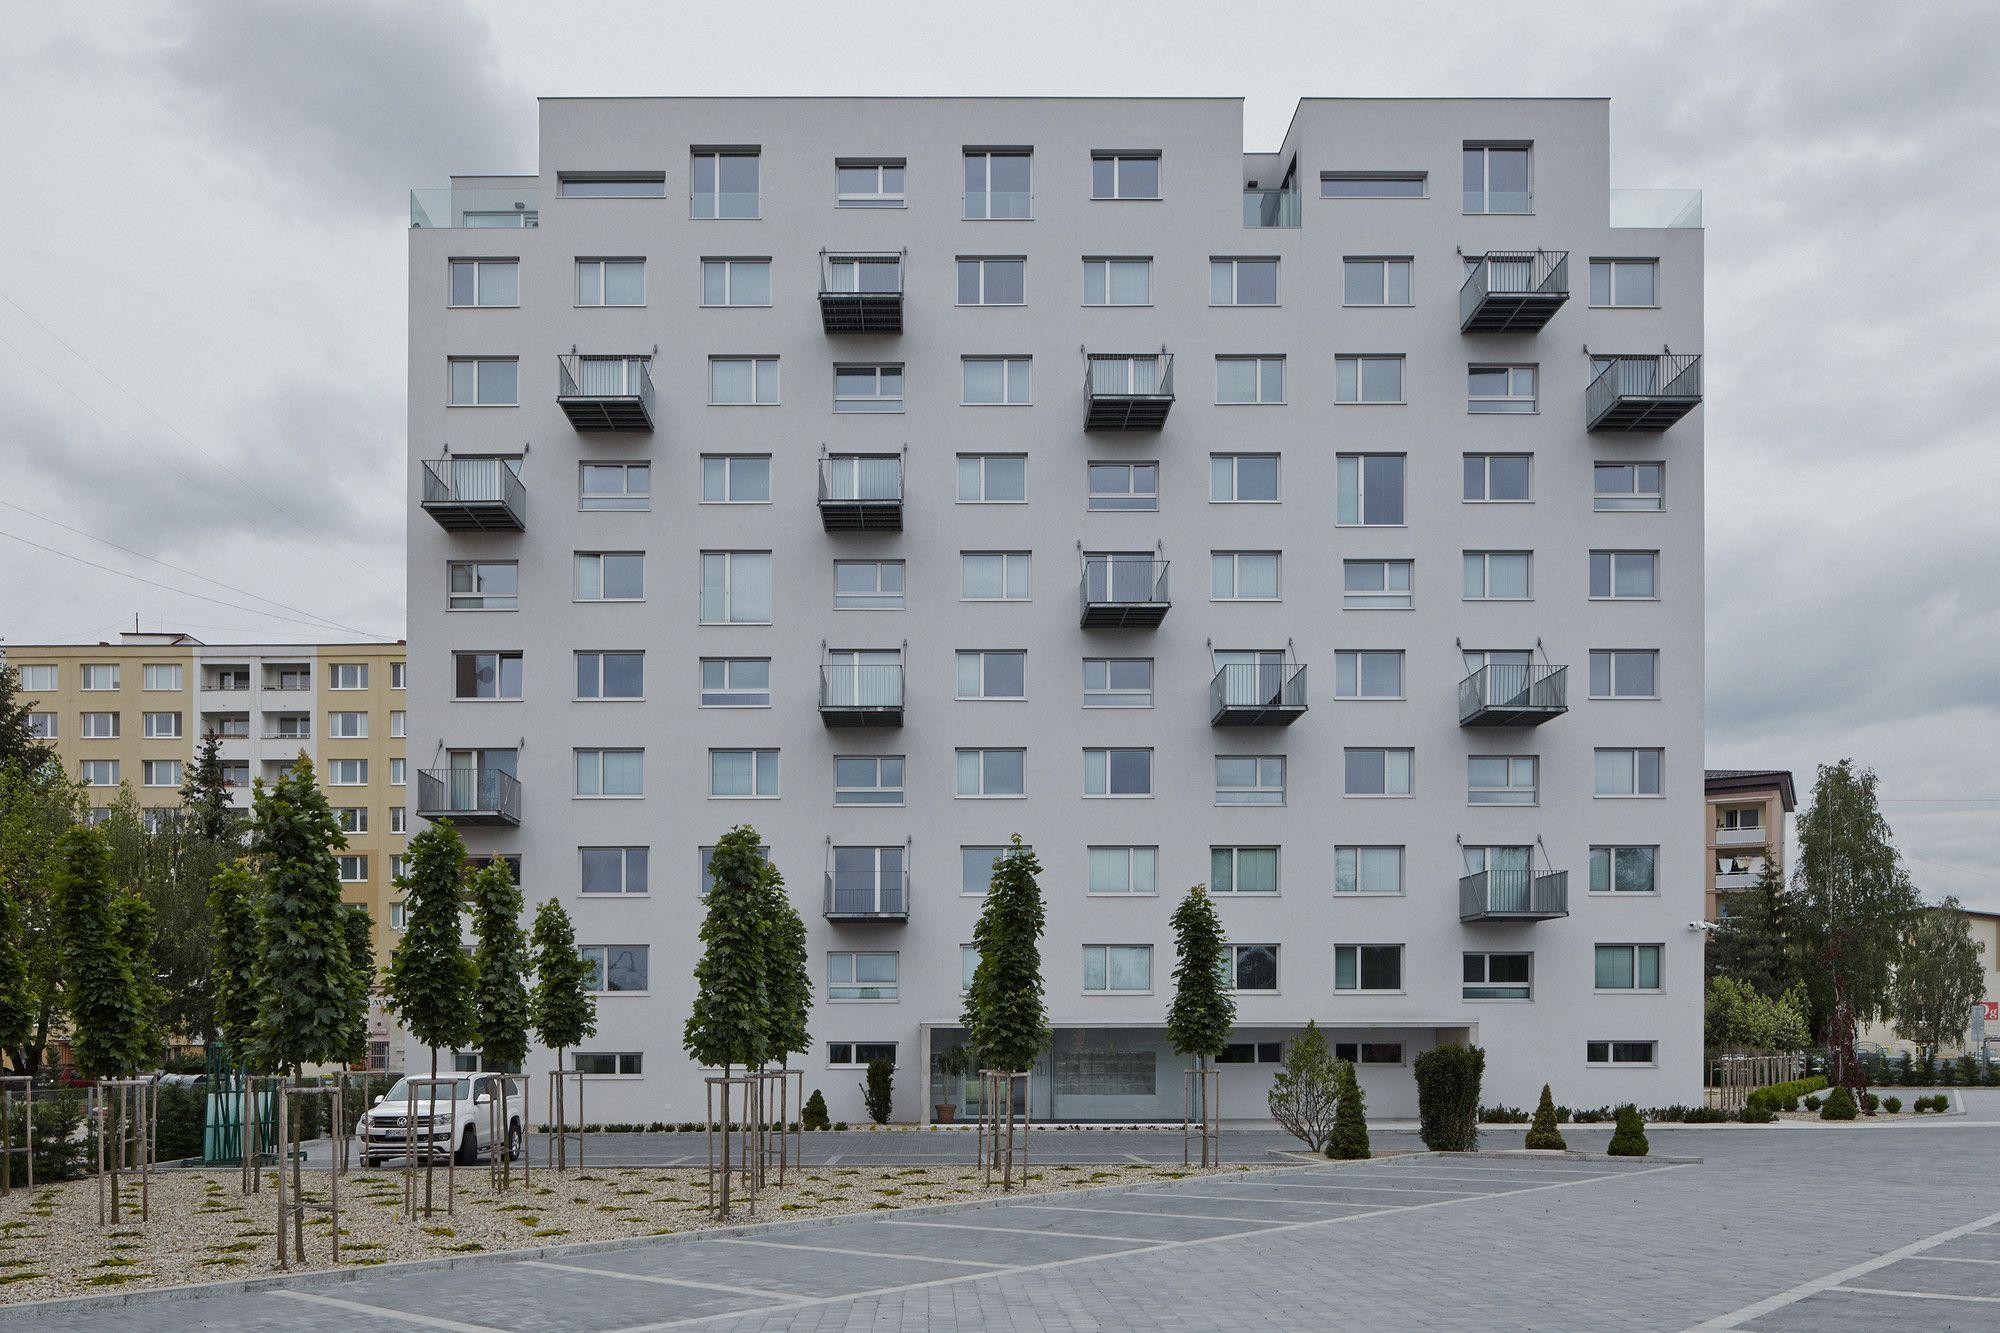 Fotografie a krátke video prezentujú pozoruhodný projekt slovenského architektonického štúdia GutGut. Obrázky zachytávajú neobyčajnú a pomerne odvážnu premenu jedného z mnohých panelákov v Rimavskej Sobote. Projekt sa venuje súčasnému trendu rekonštrukcie panelových bytov, avšak v interpretácii Štefana Polakoviča a Lukáša Kordíka sa snaží dokázať, že môže ísť aj o viac, ako len obyčajné a často nevkusné zatepľovanie vonkajšej fasády.